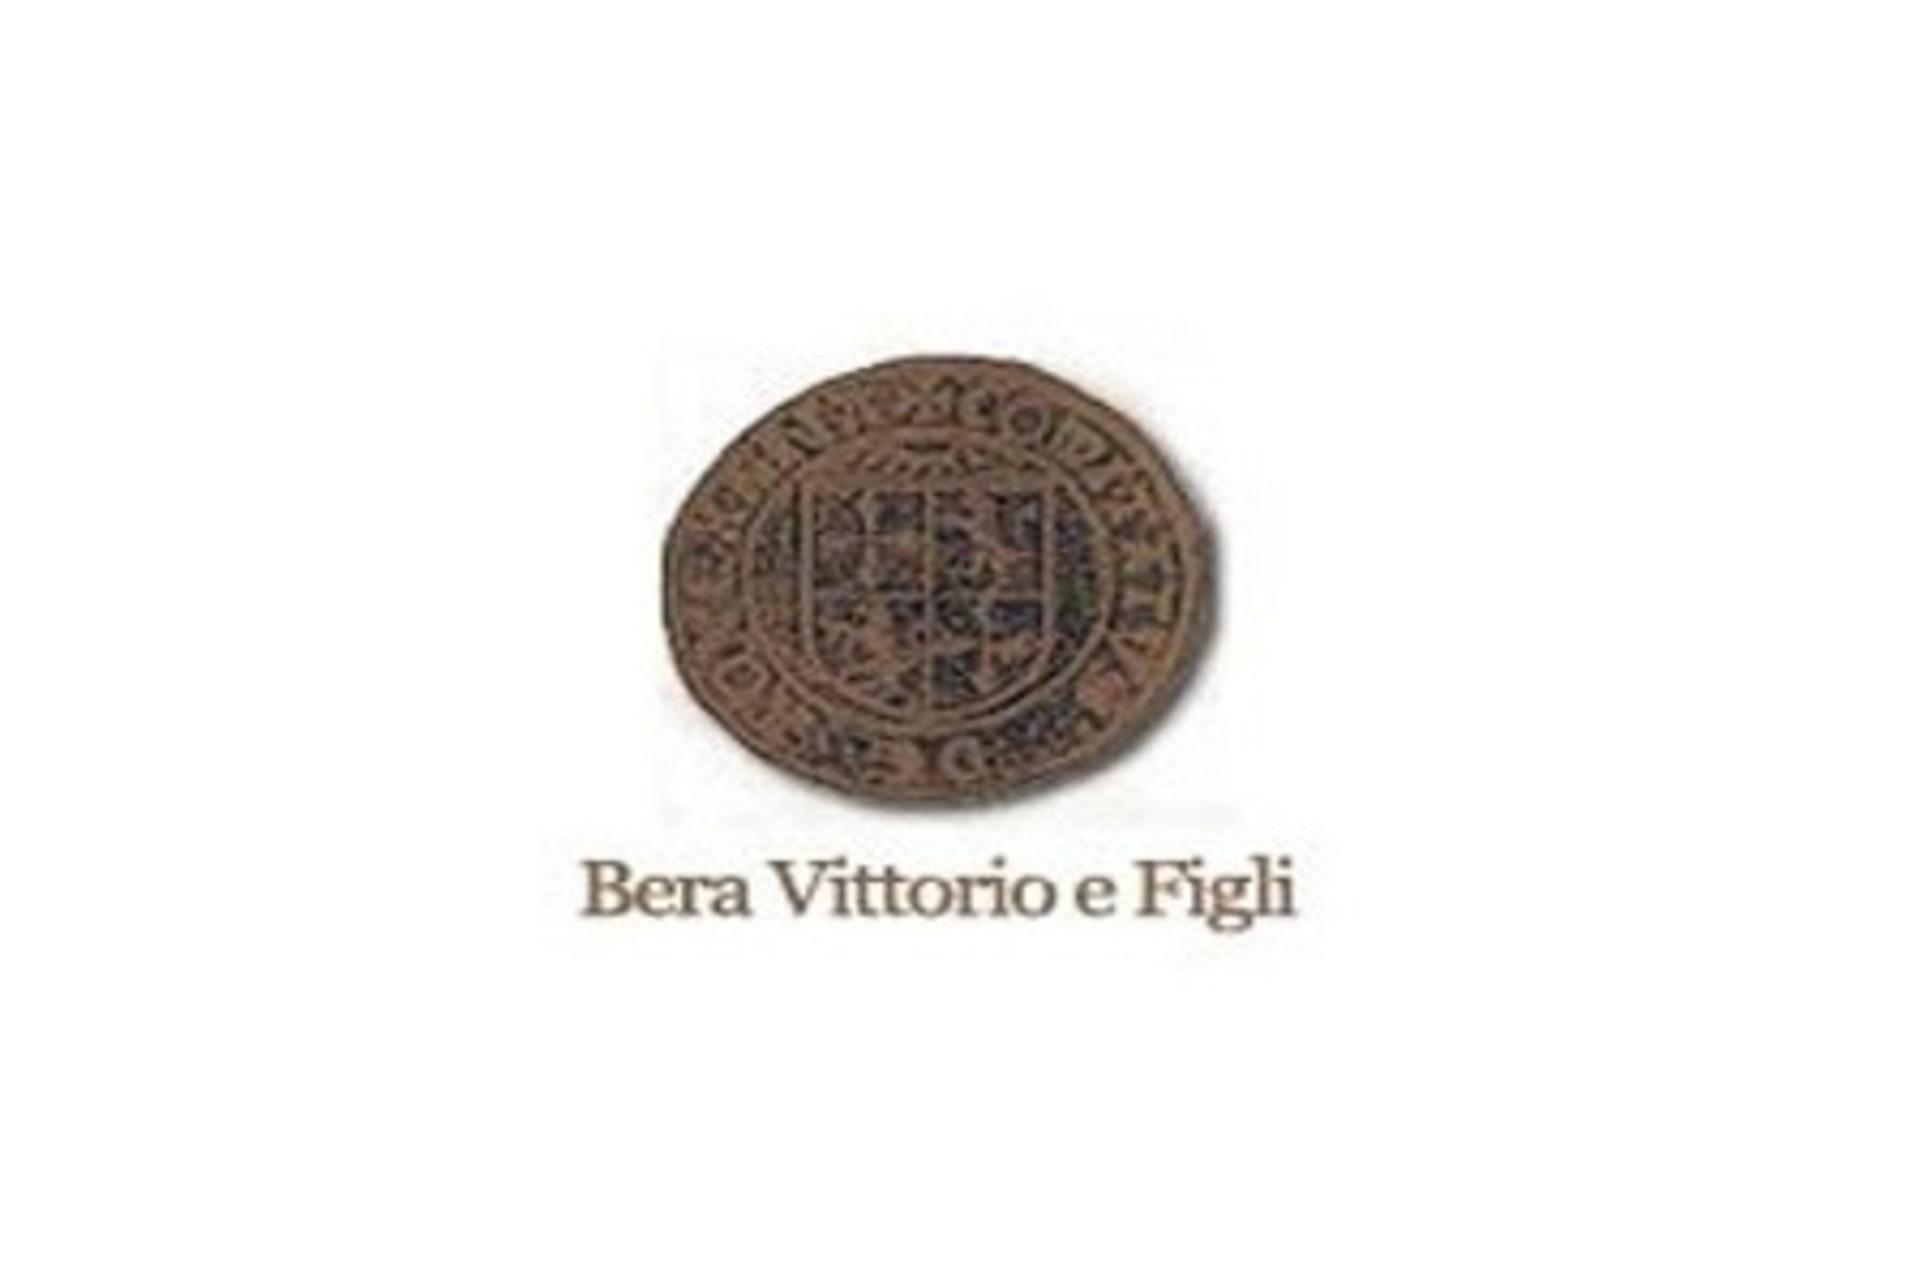 Bera Vittorio & Figli